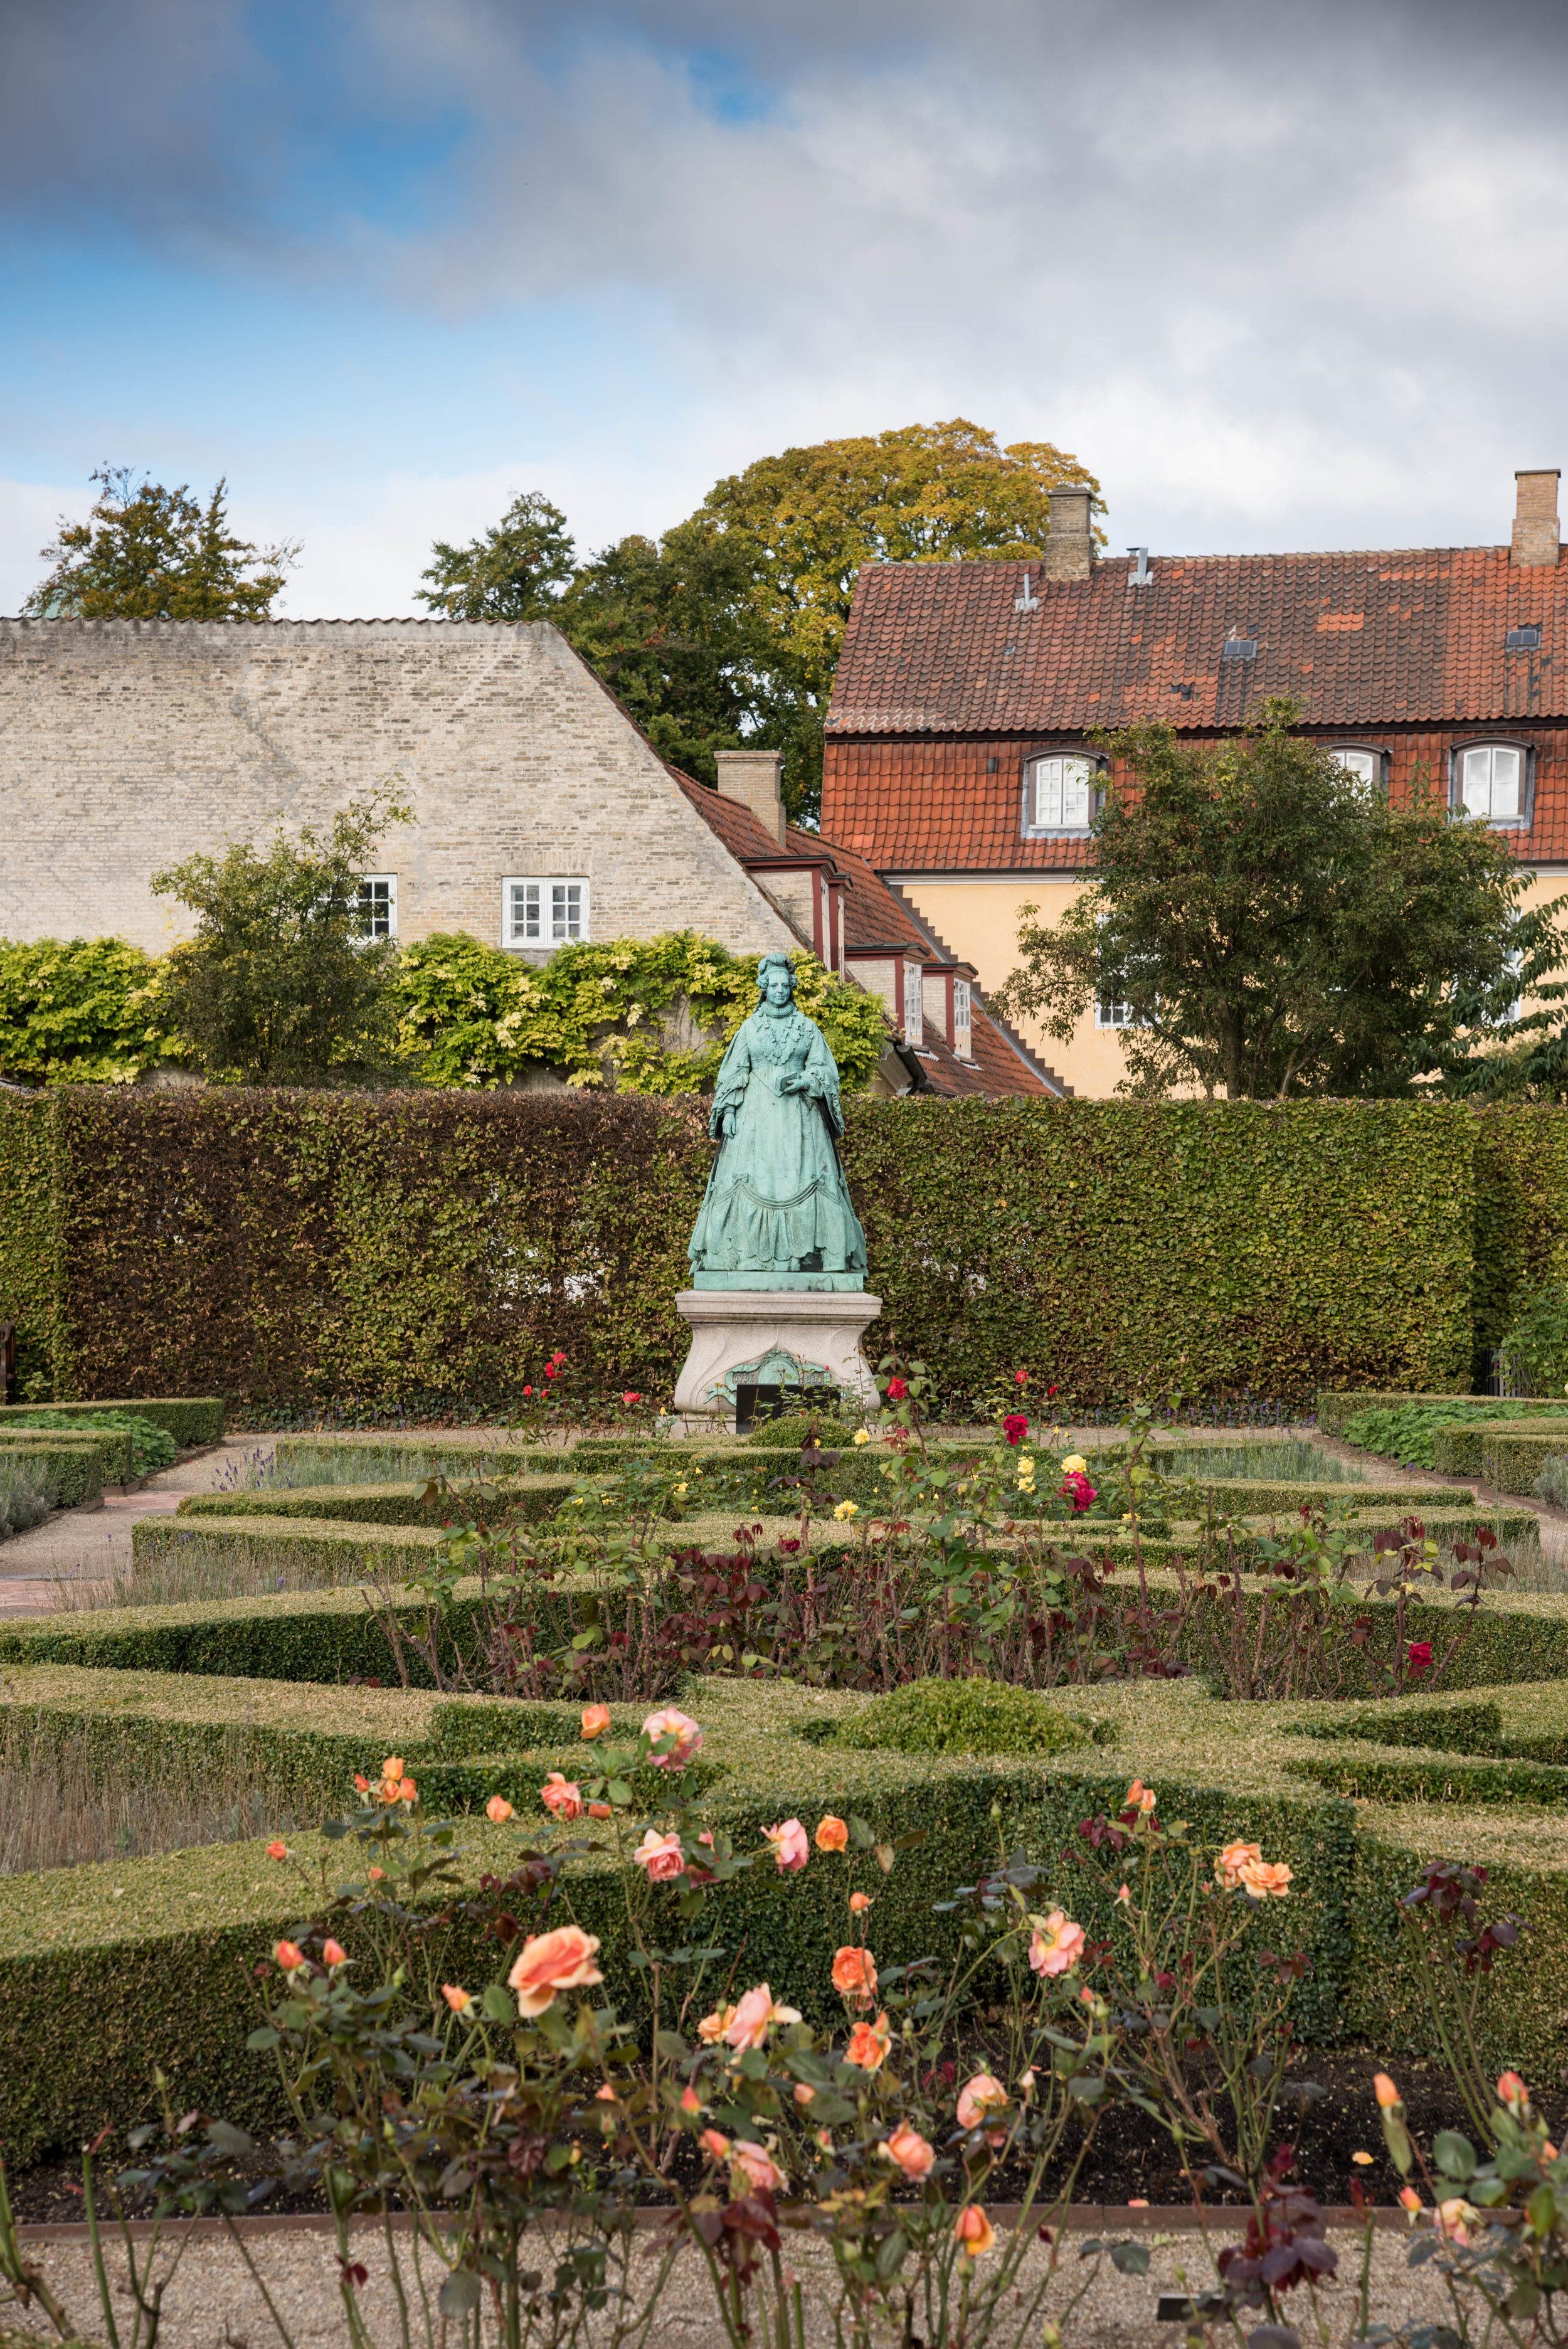 ROSE & IVY Journal Garden Dreamer | The King's Garden, Copenhagen